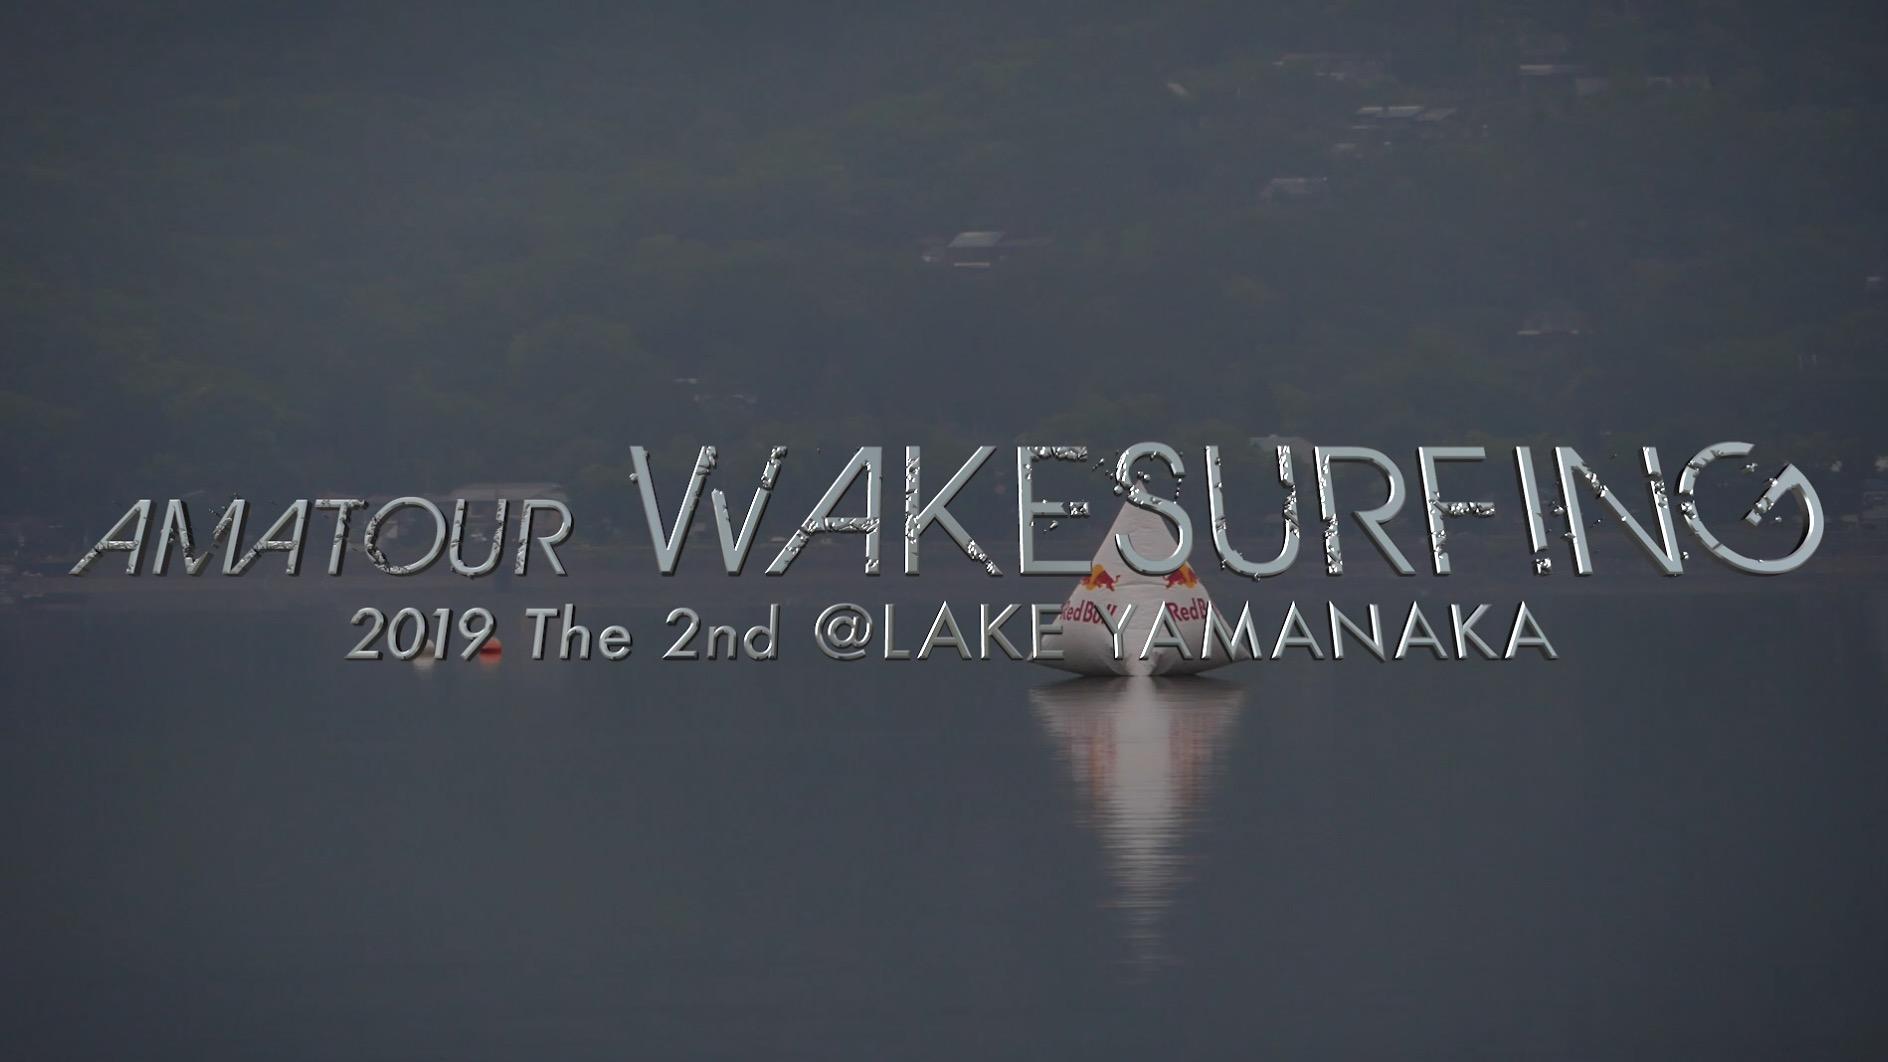 '19 #2 AMATOUR WAKESURF  <TOP3のライディング> @YAMANAKA